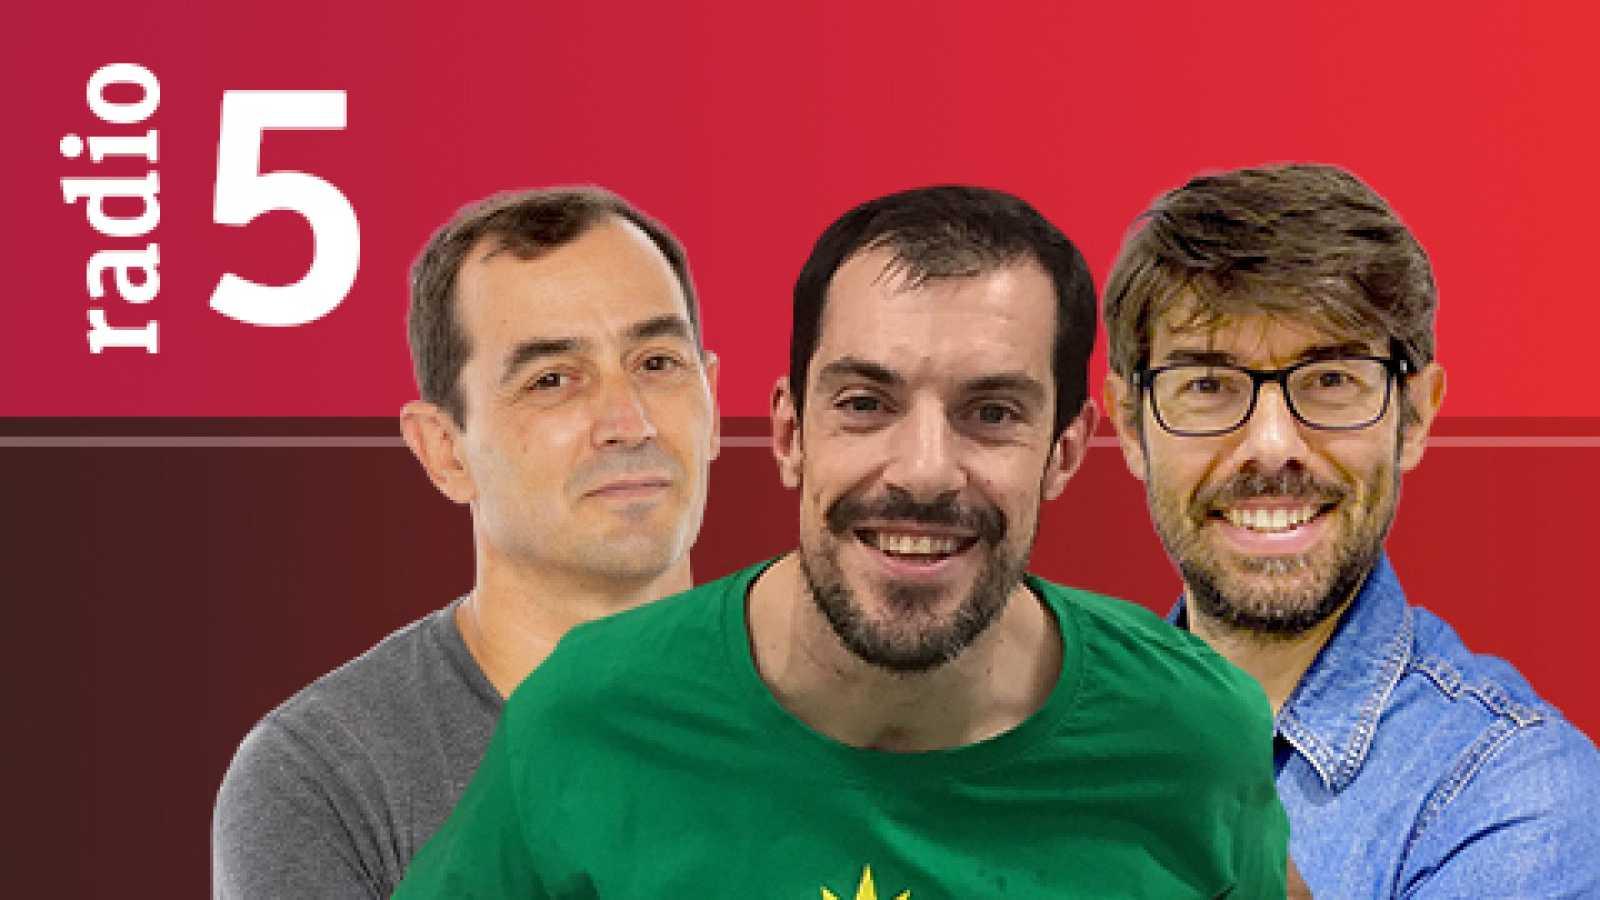 El vestuario en radio 5 - Nace la Superliga europea de fútbol entre polémica - Escuchar ahora